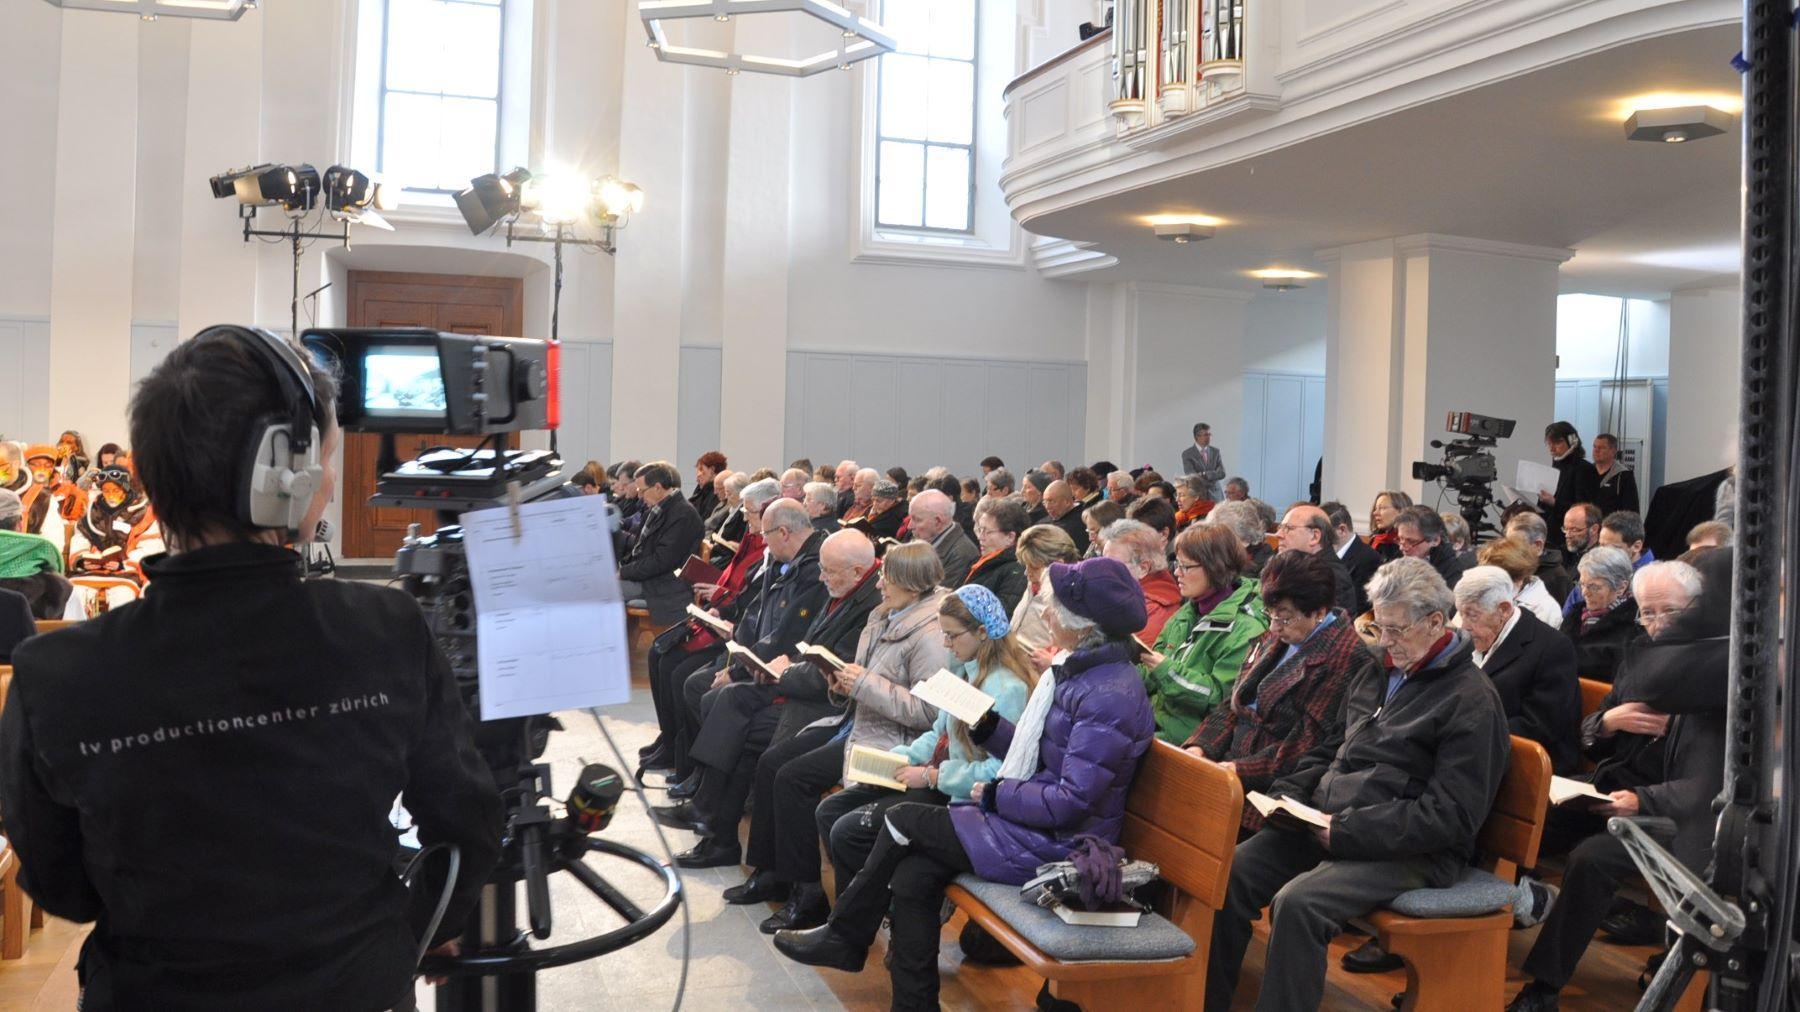 TV Gottesdienst 6 Mrz11 Baden 1 Kamera L Bertschi 1800 16 9